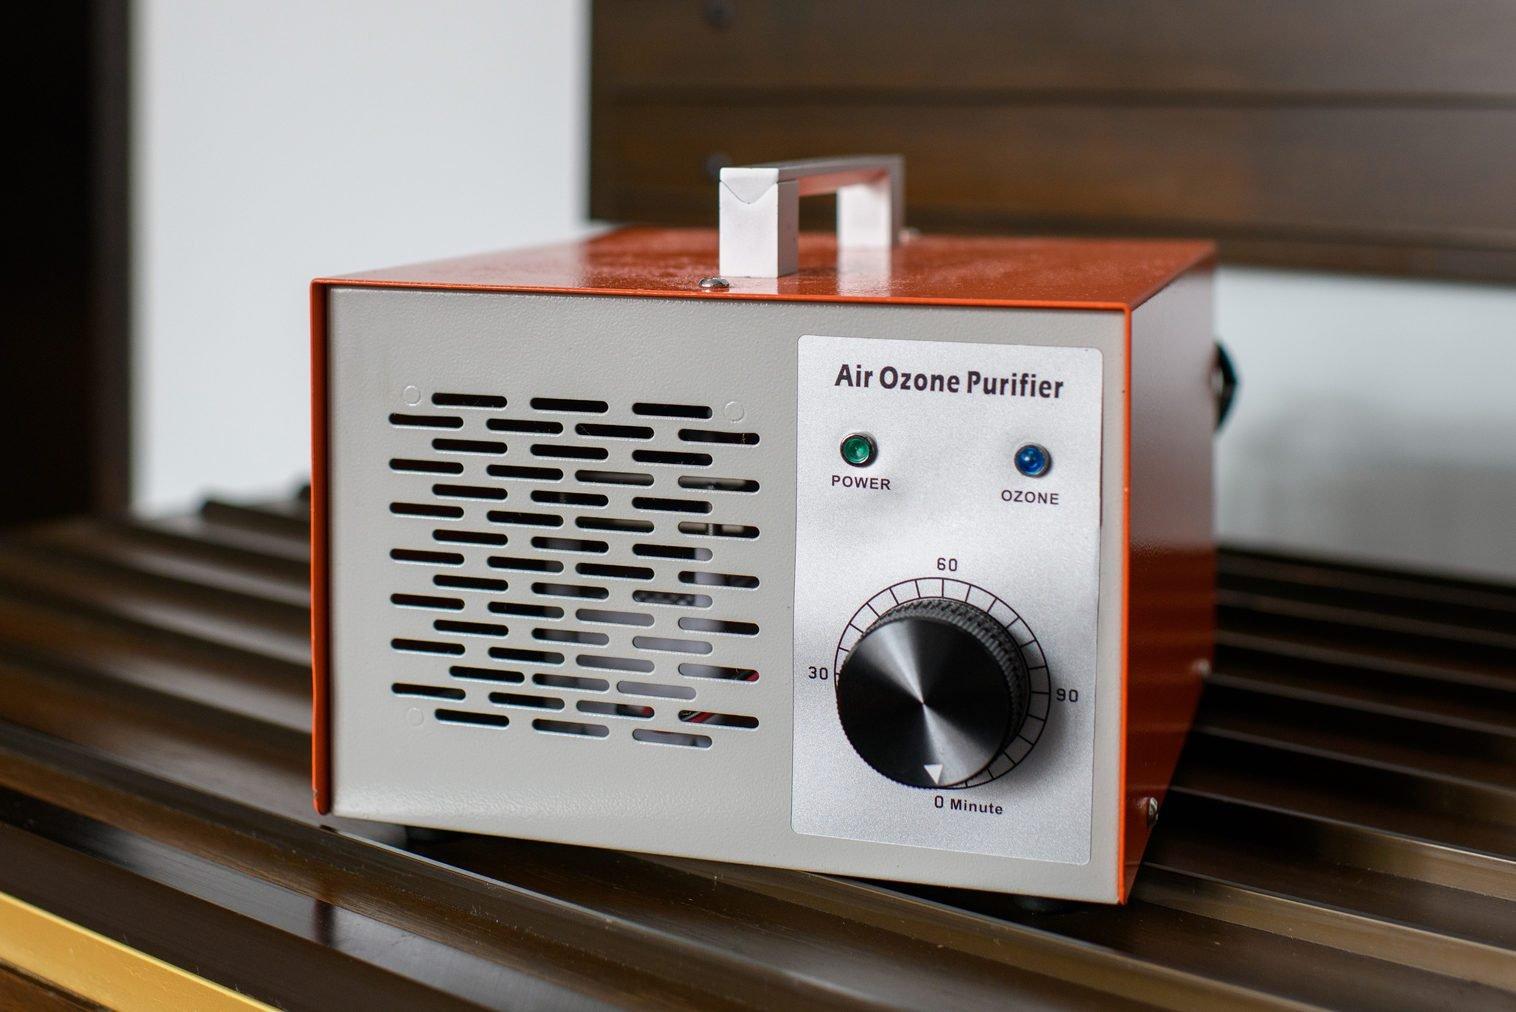 Air ozone purifier